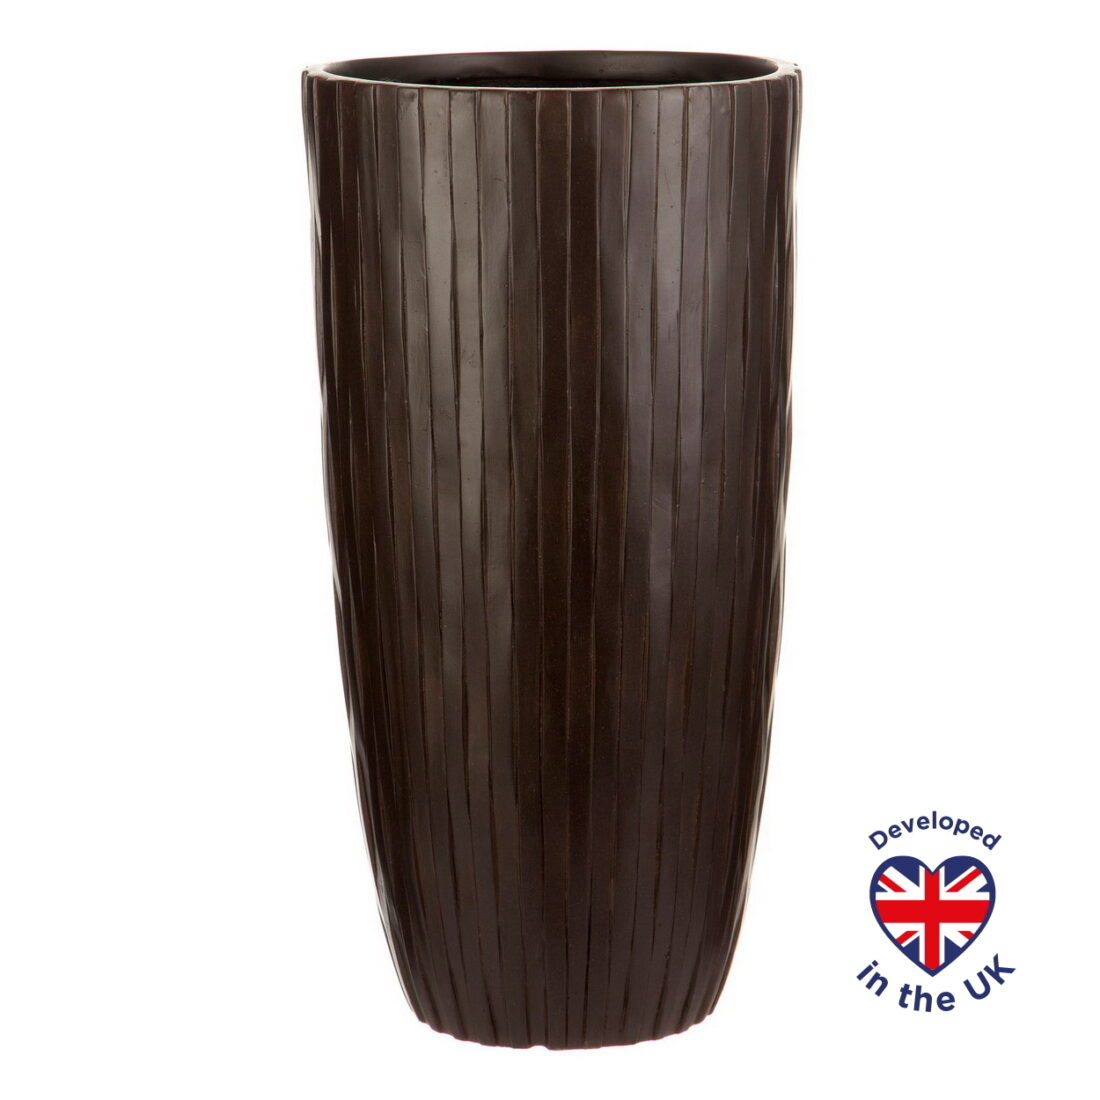 Напольное кашпо для цветов Idealist Lite Буллет, коричневое, Д32 В61.5 см, 49 л